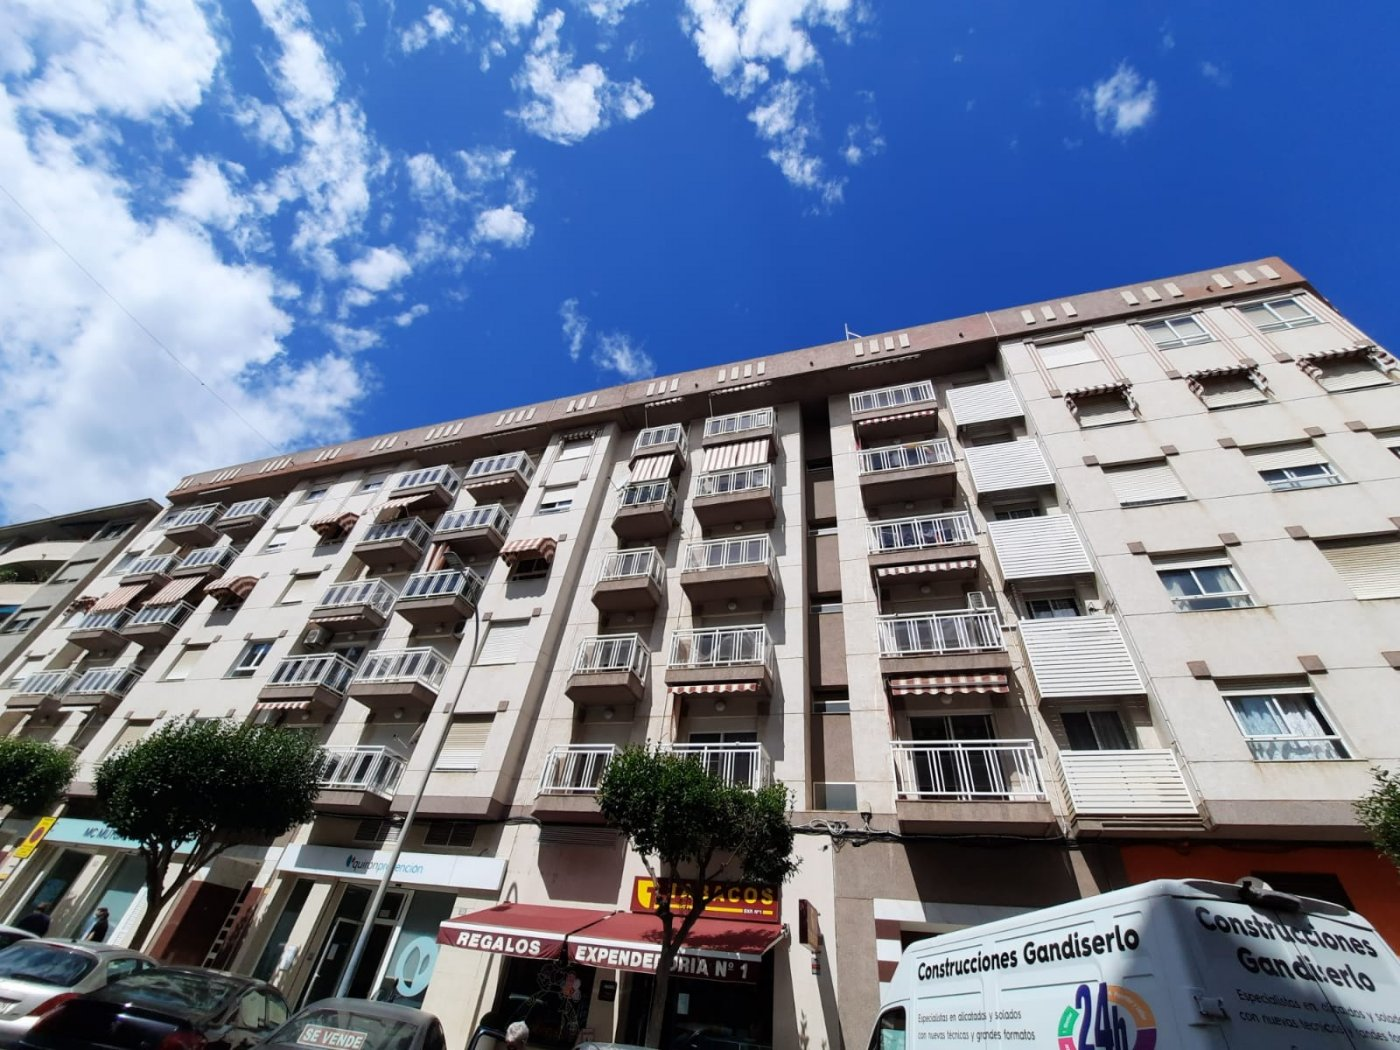 Piso en venta en calle ciudad de barcelona 7, 2a, 3, 46701 gandia.  l.a riqueza de la imag - imagenInmueble30